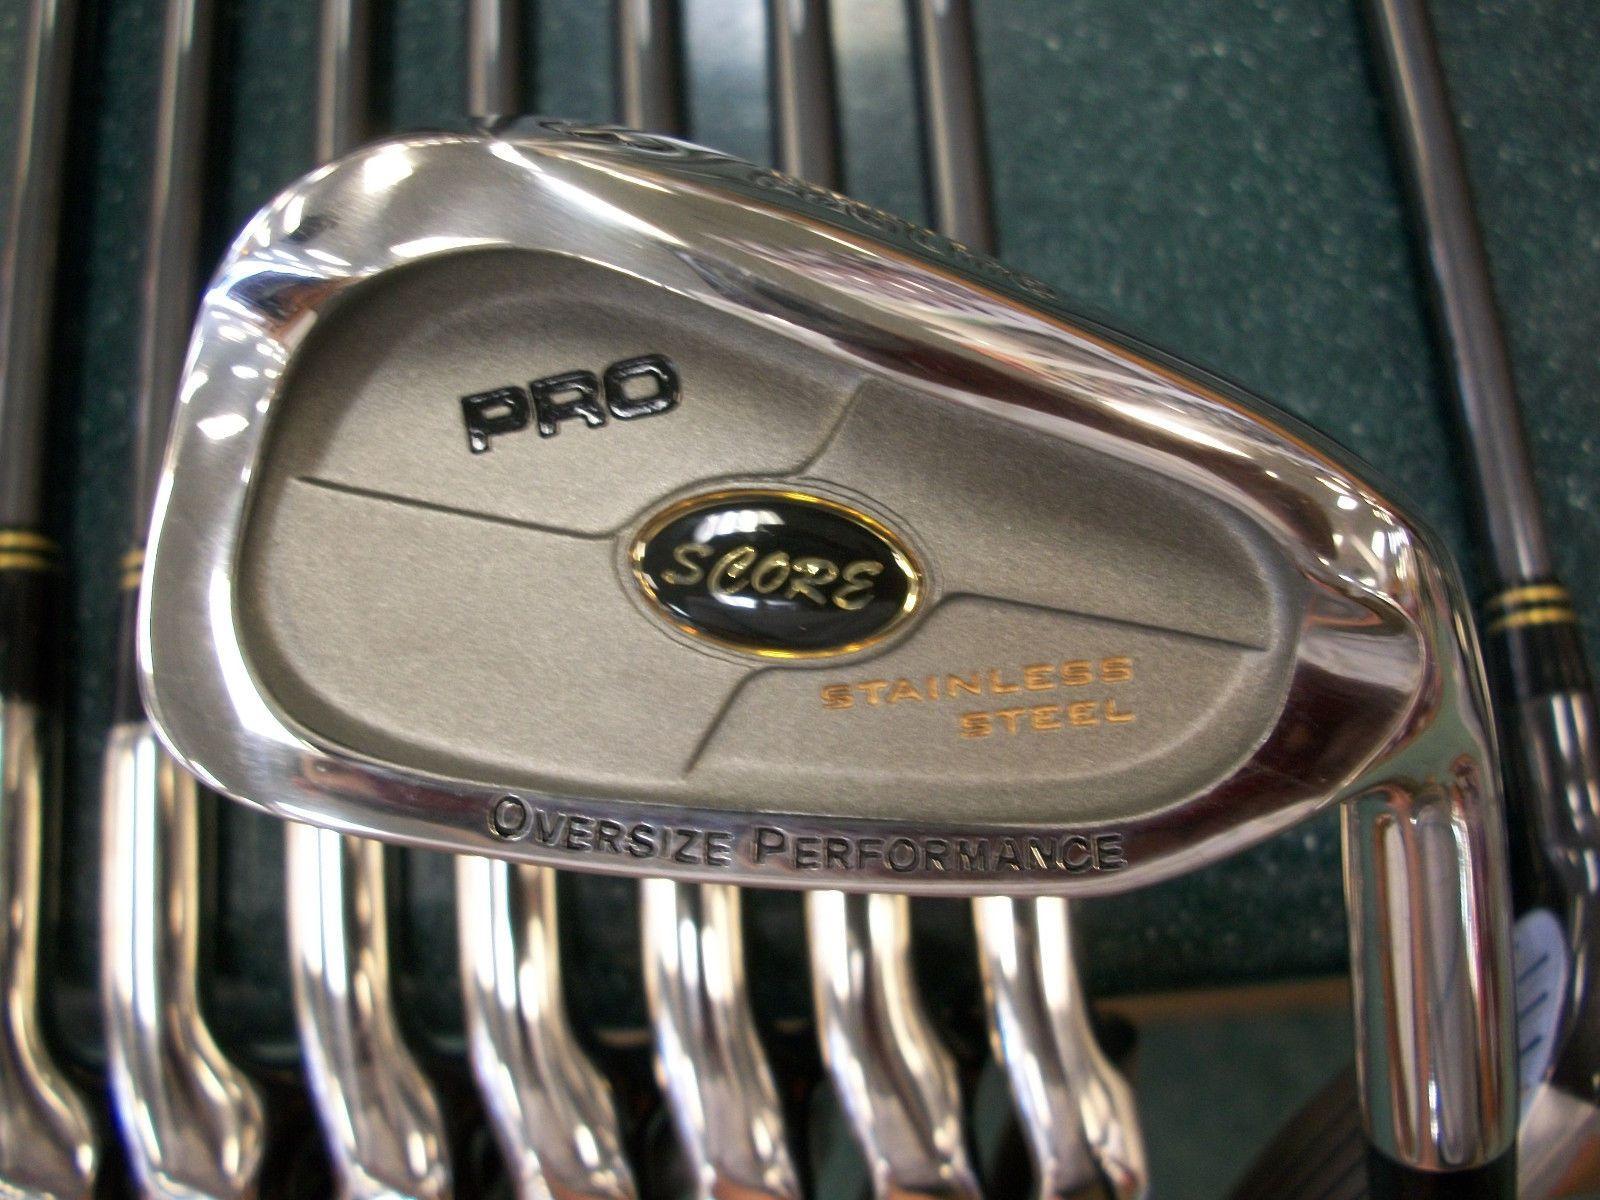 Proline Pro Score Men S Golf Club Set 1 3 5 Woods 3 Pw Irons Left Hand Mens Golf Clubs Golf Club Sets Golf Clubs